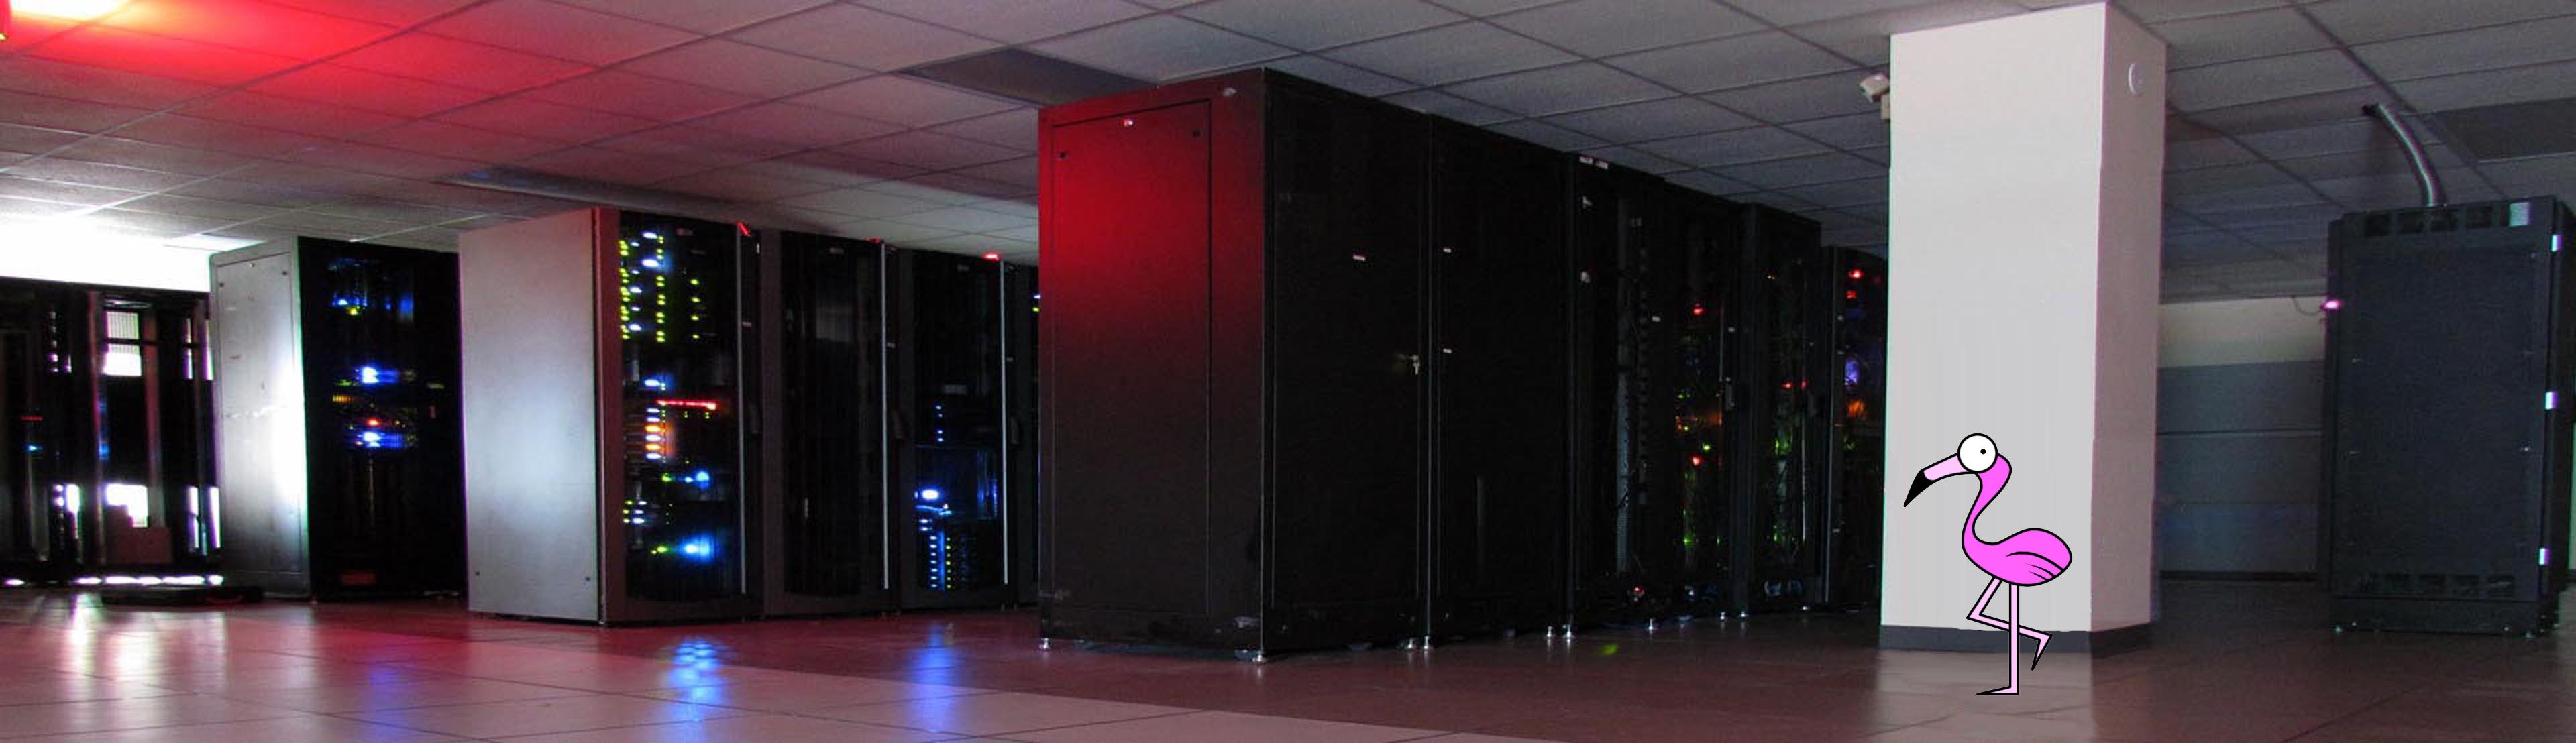 Atldc Atlanta Data Center Colocation At 55 Marietta